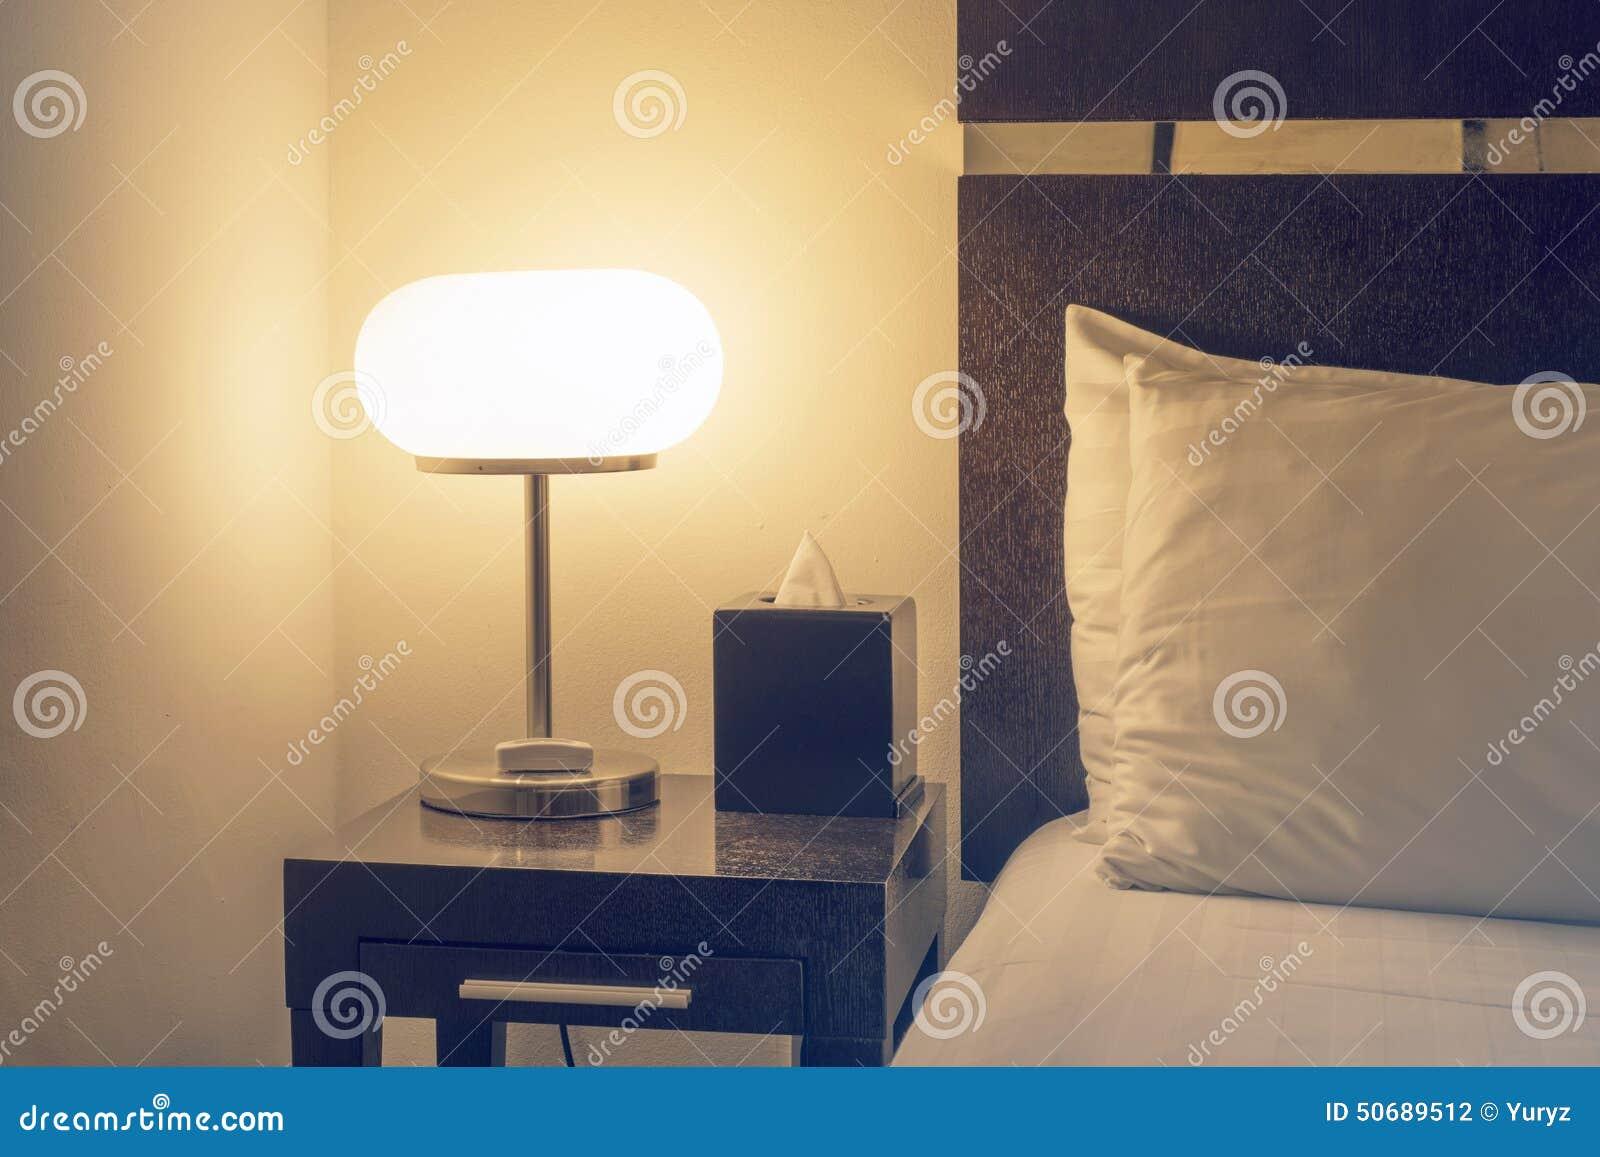 Download 内部闪亮指示 库存照片. 图片 包括有 角落, 其它, 内部, 黑暗, 空间, 闪亮指示, 枕头, 旅馆 - 50689512